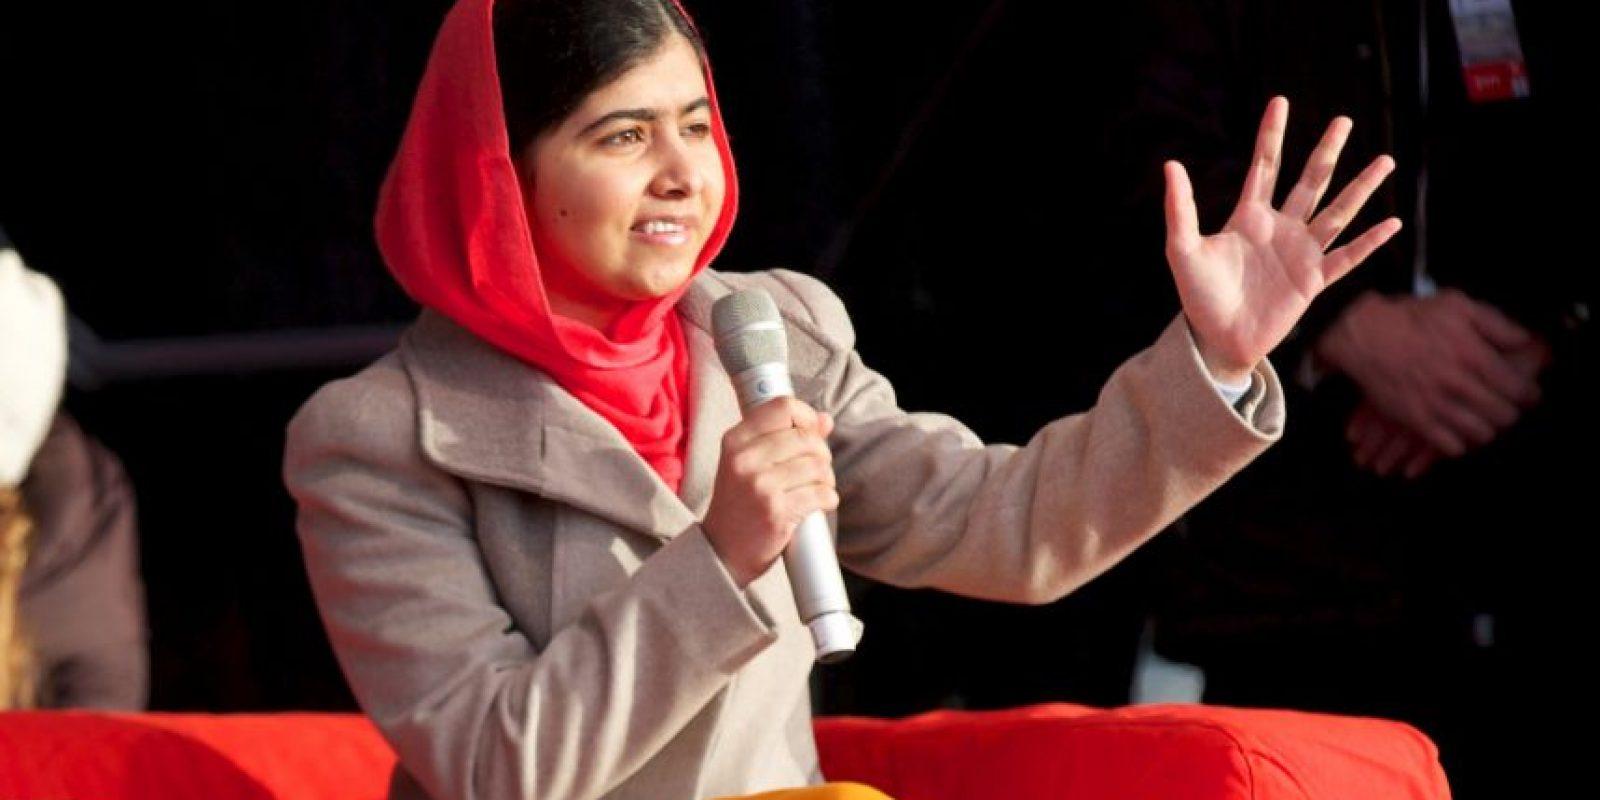 La activista fue condecorada con el Premio Nobel de la Paz, convirtiéndose en la persona más joven en recibirlo. Foto:Getty Images